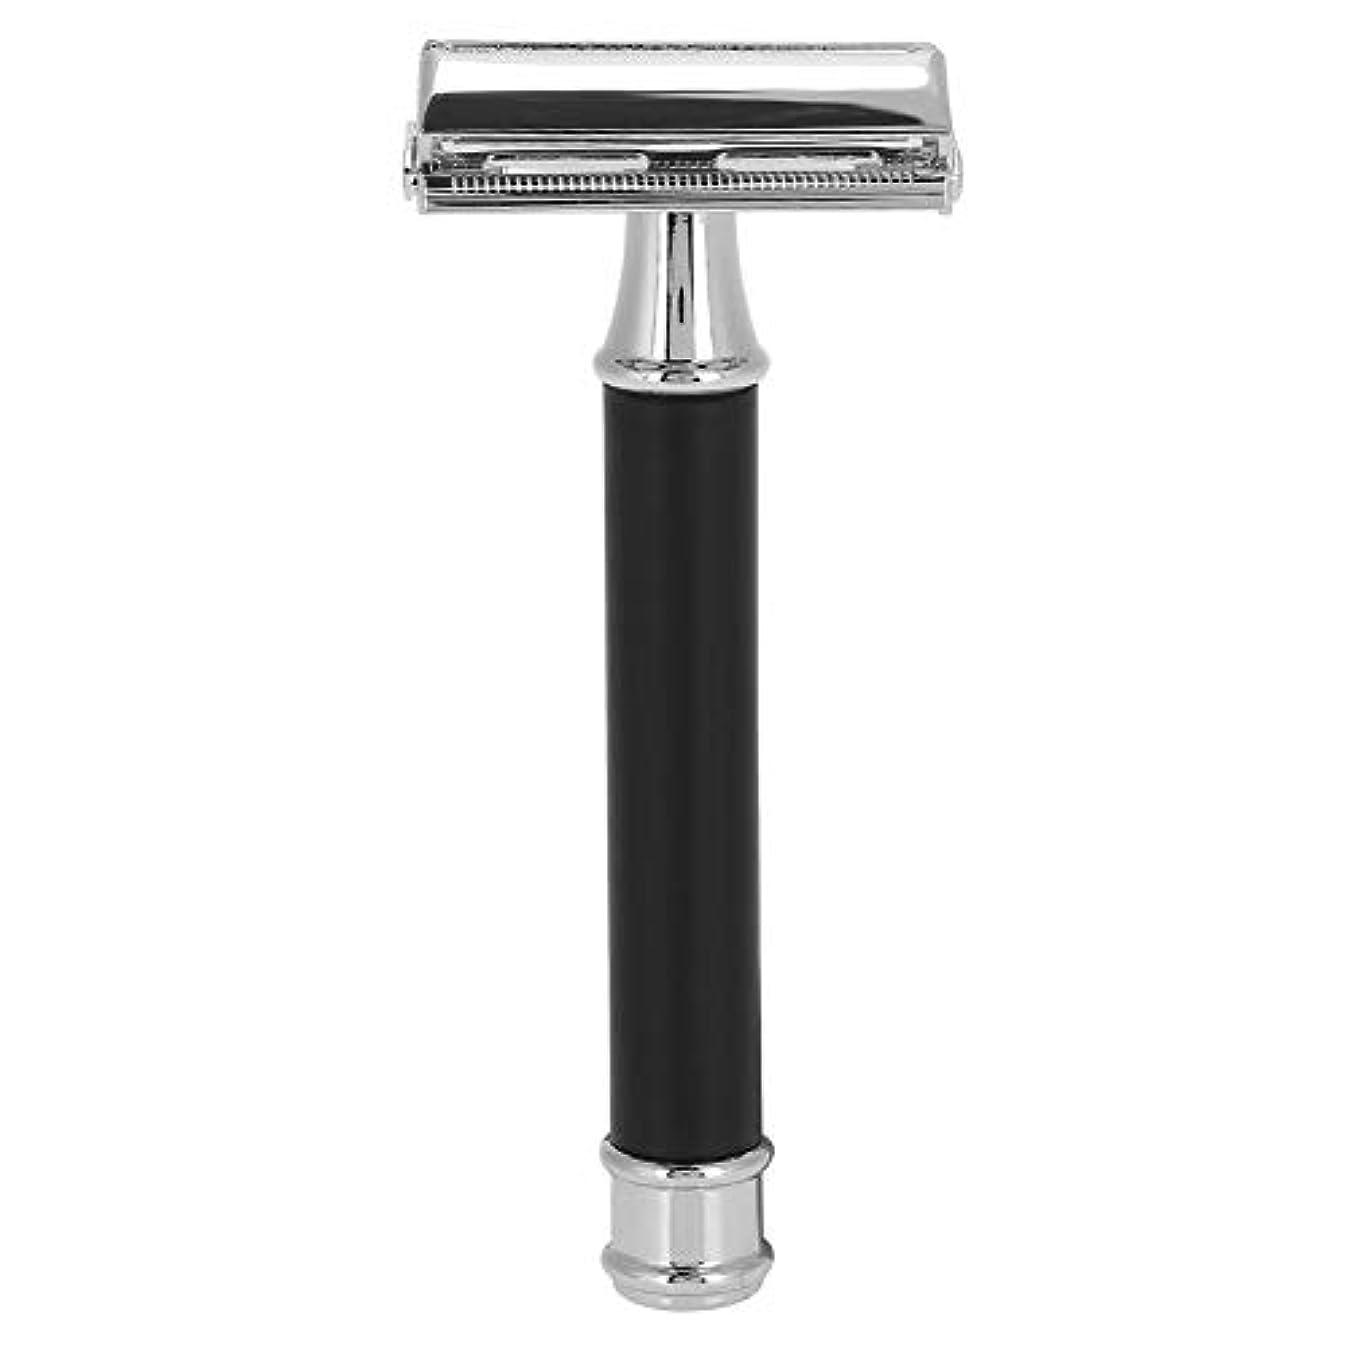 ところで退院暴君ダブルエッジメンズカミソリ クラシック 安全性 かみそり 滑り止め シェーバー シェービング 毛処理 クロームメッキ ダブルエッジ 男性用かみそり ひげ剃り 再利用可能